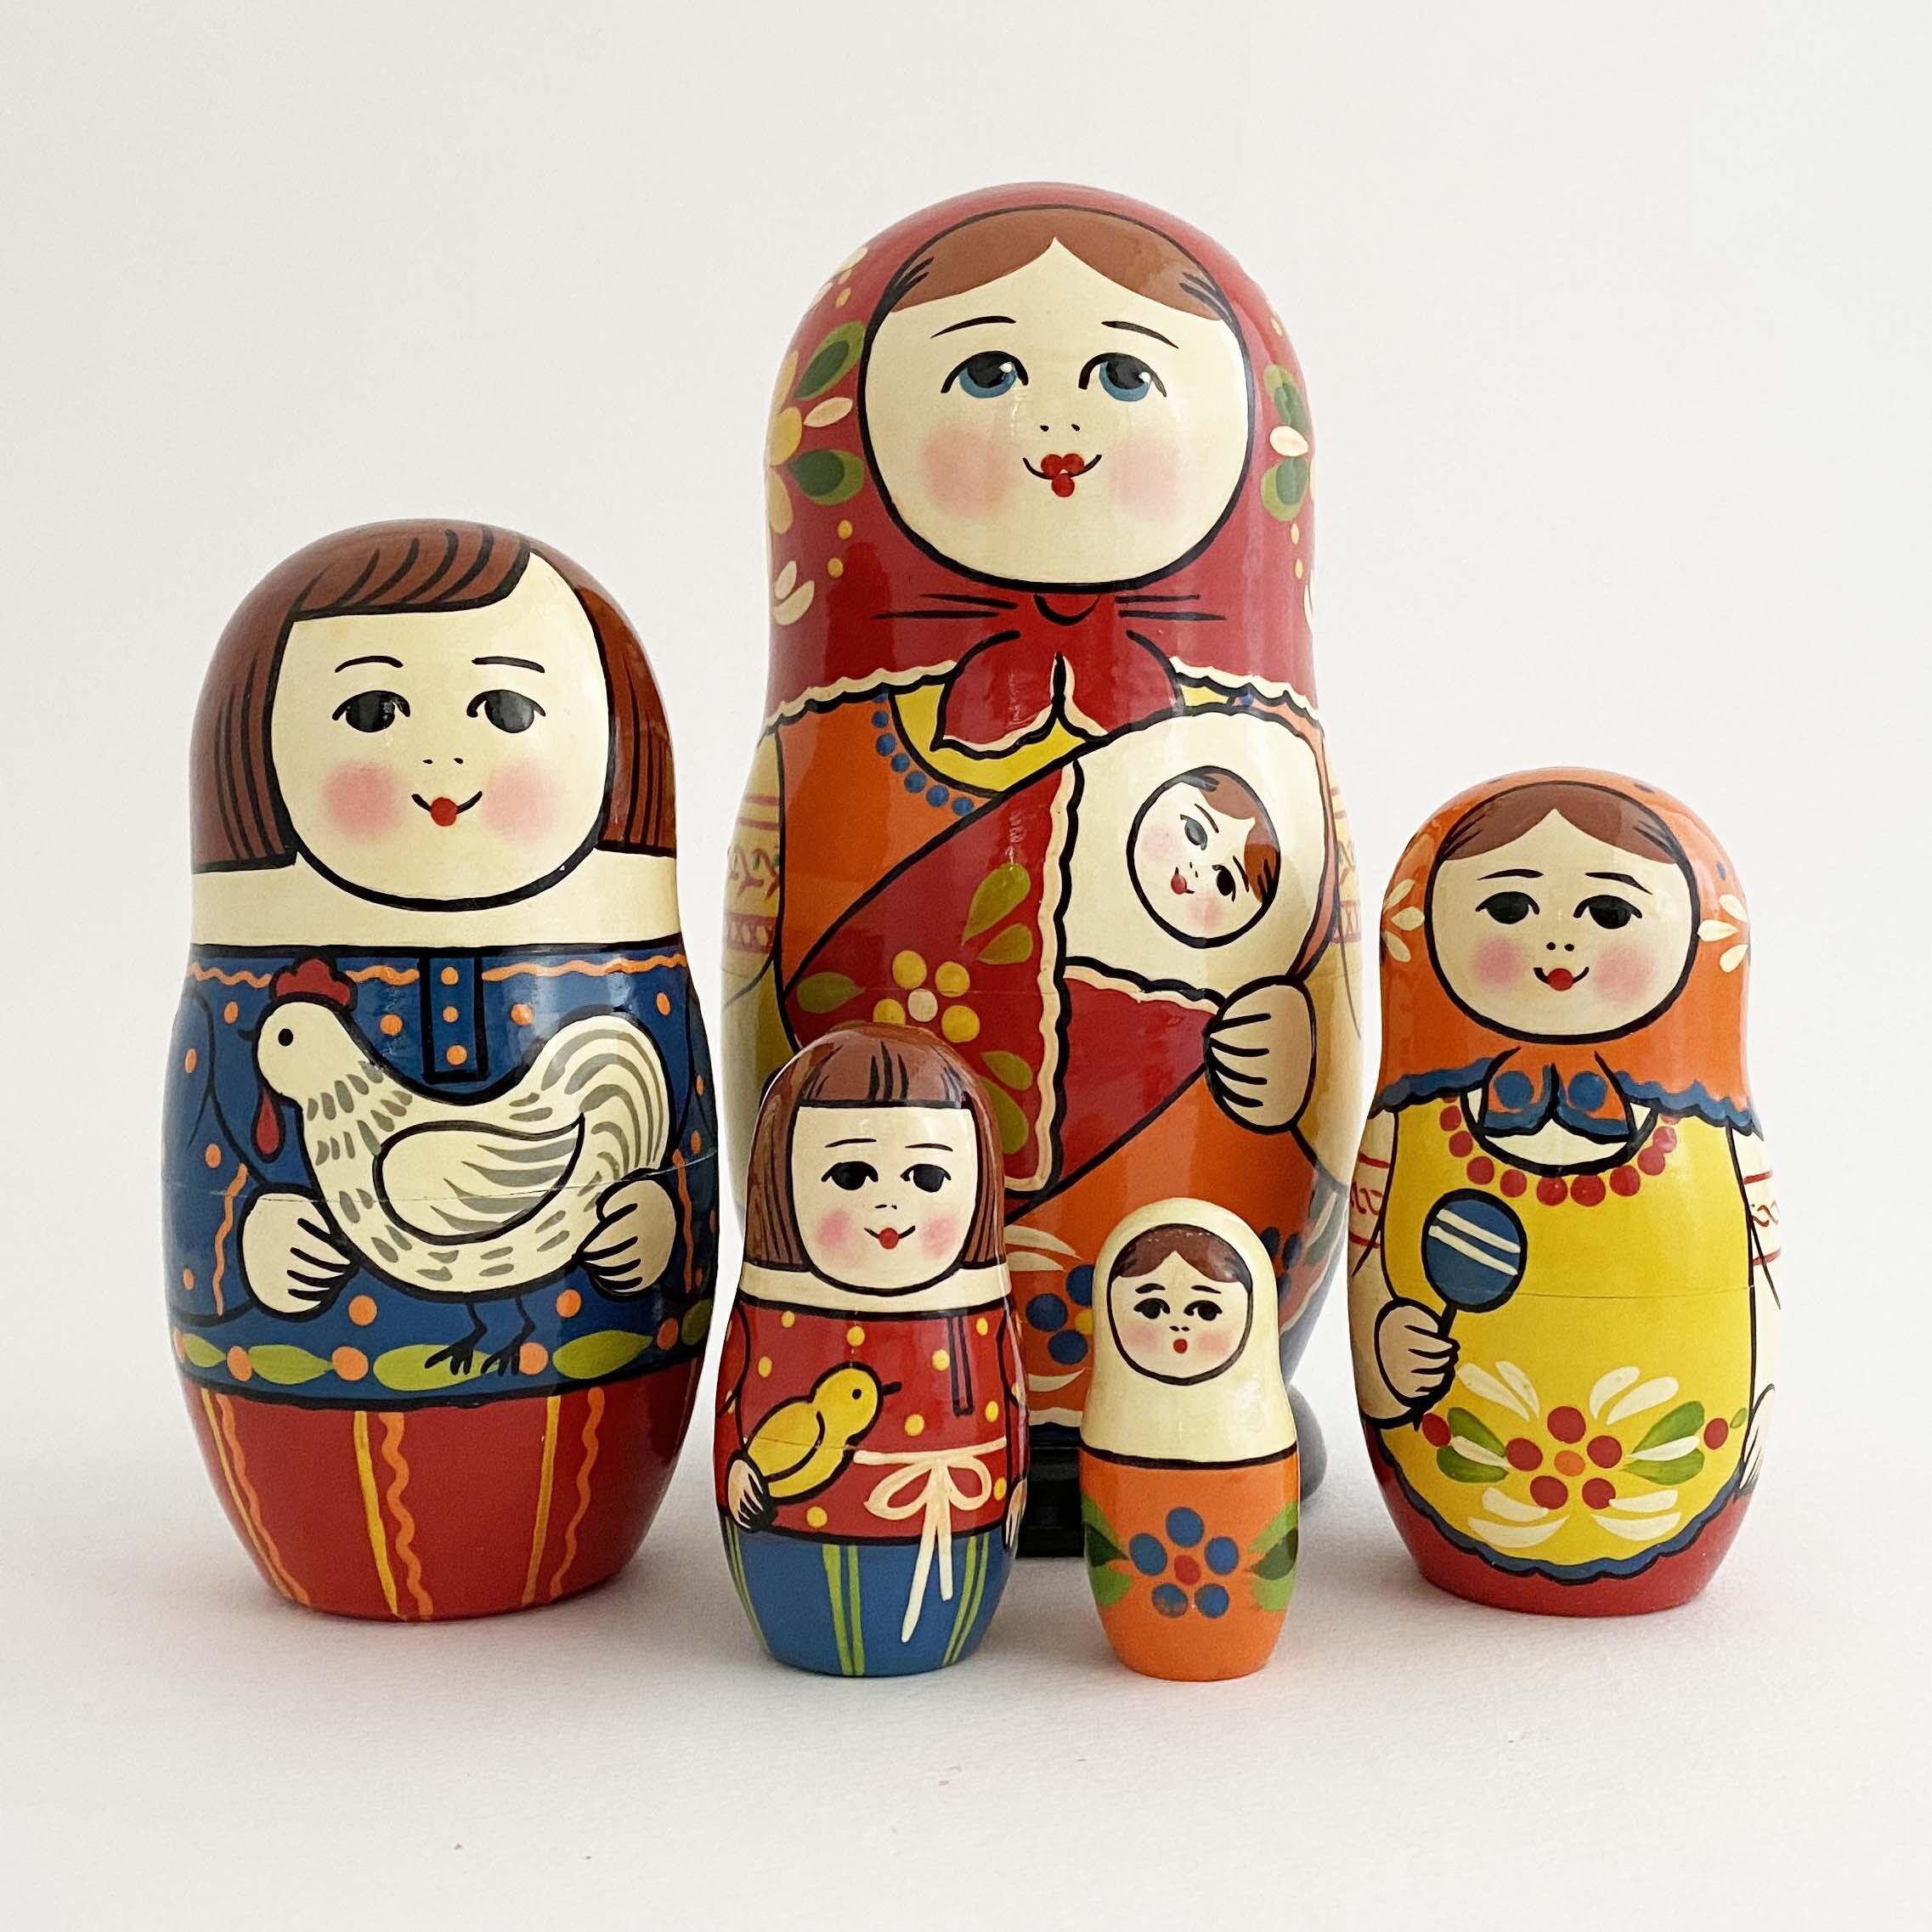 母の日のお母さんマトリョーシカ/5個組大A(セルギエフ産)